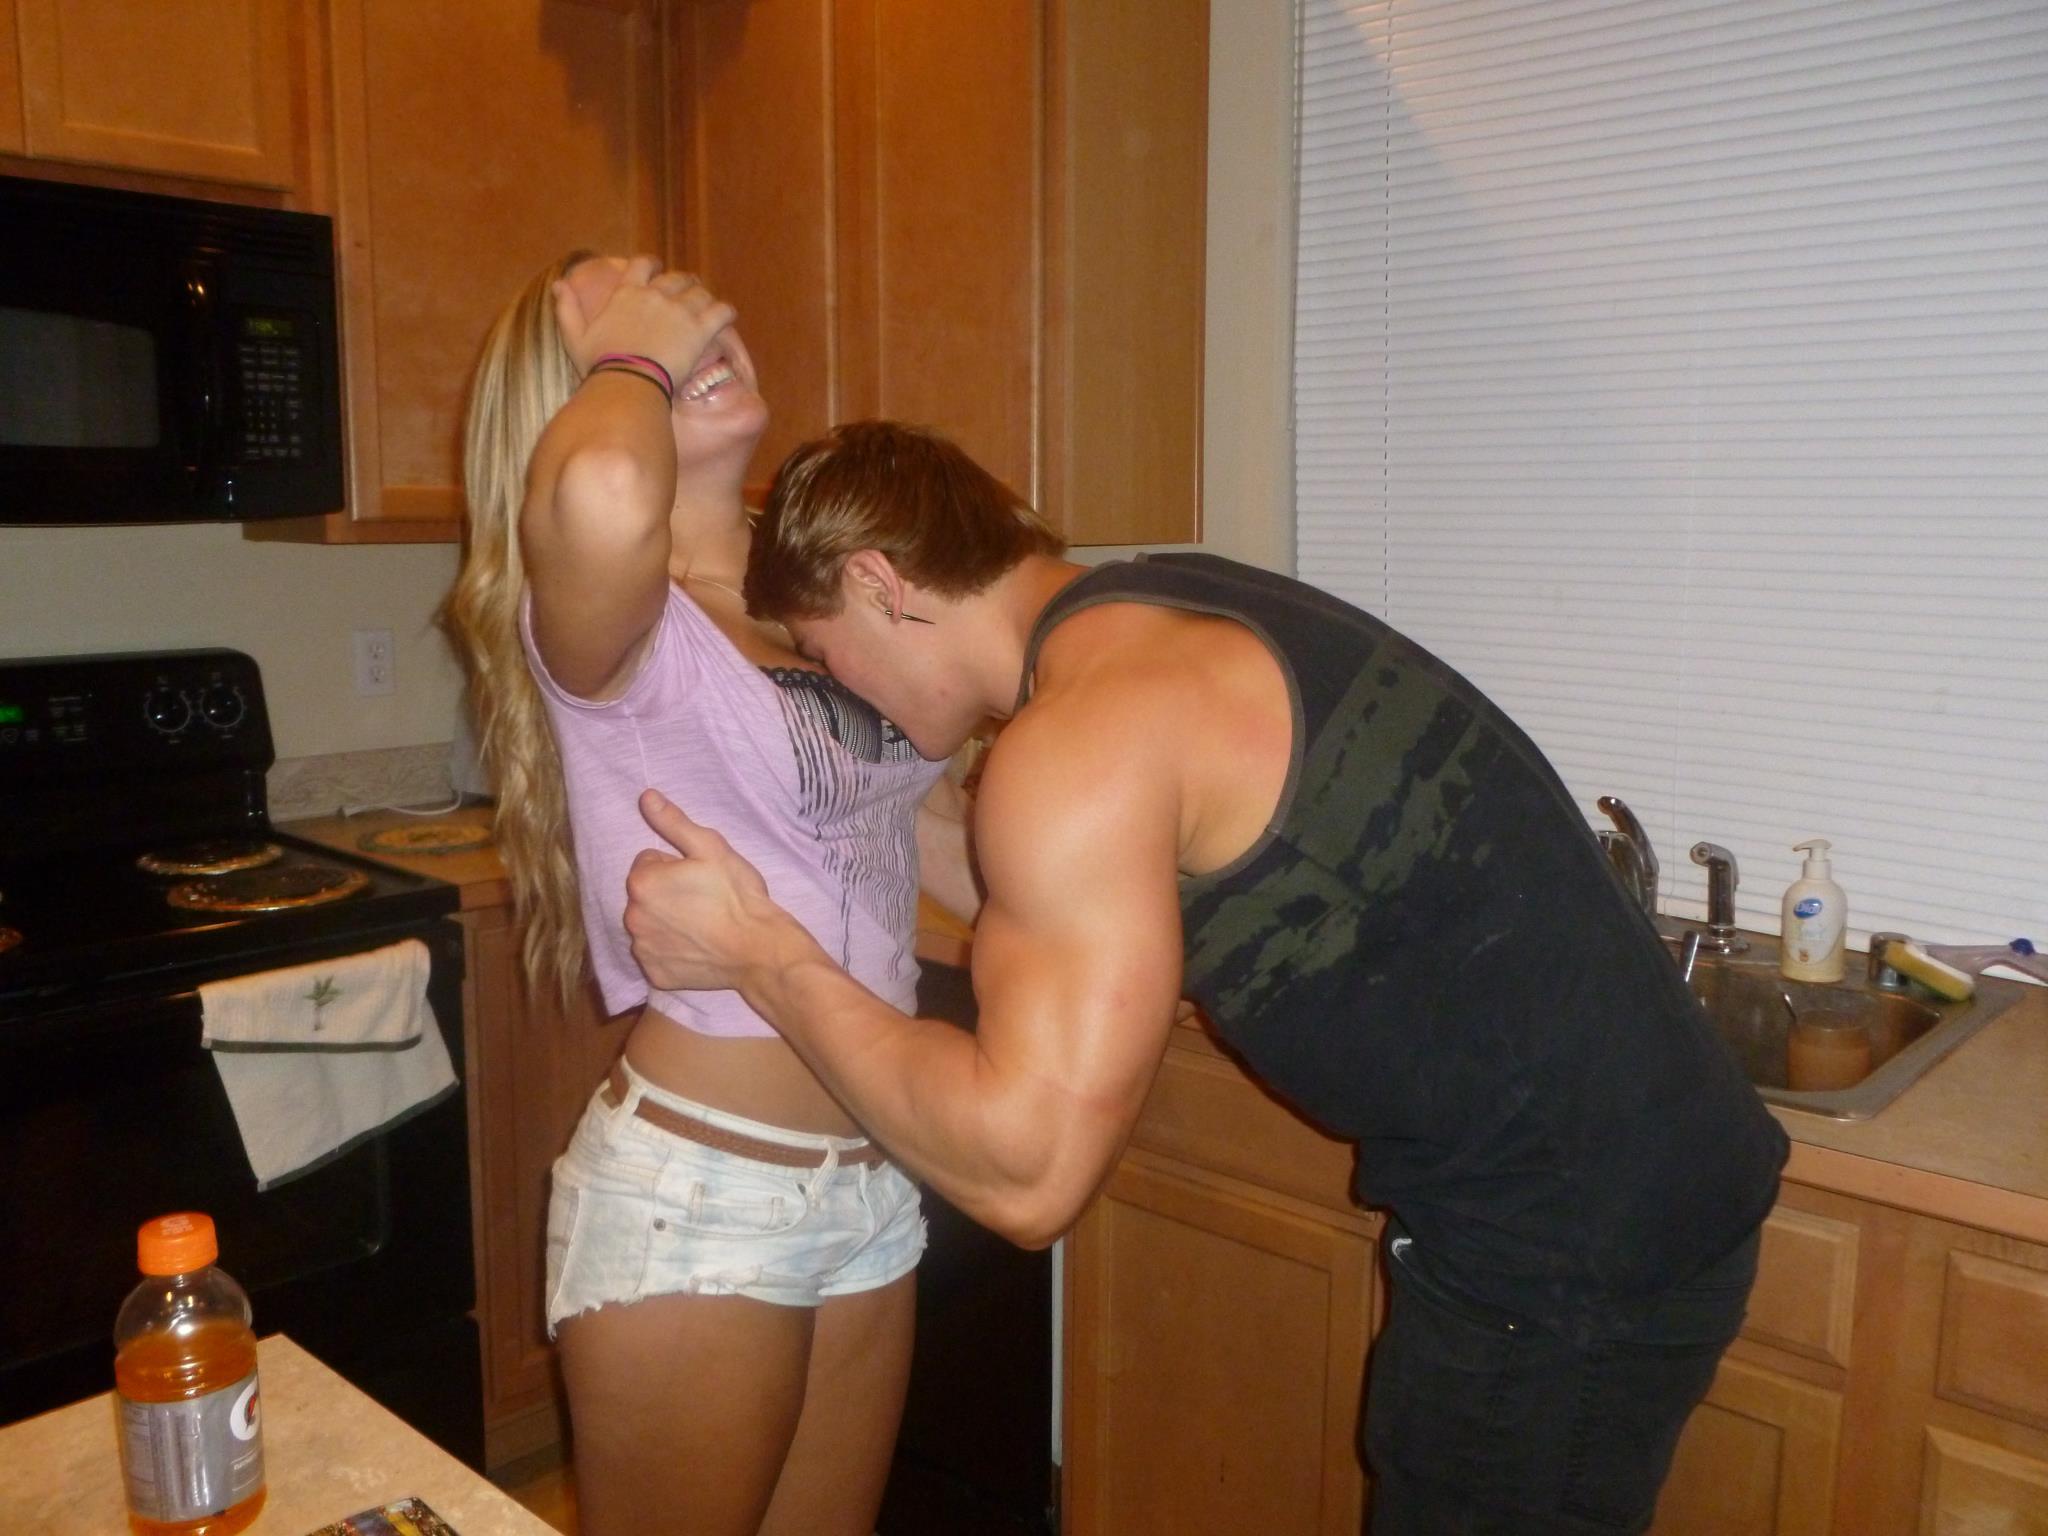 Фото домашнего секса посетителей, Частное фото, домашнее порно фото 21 фотография